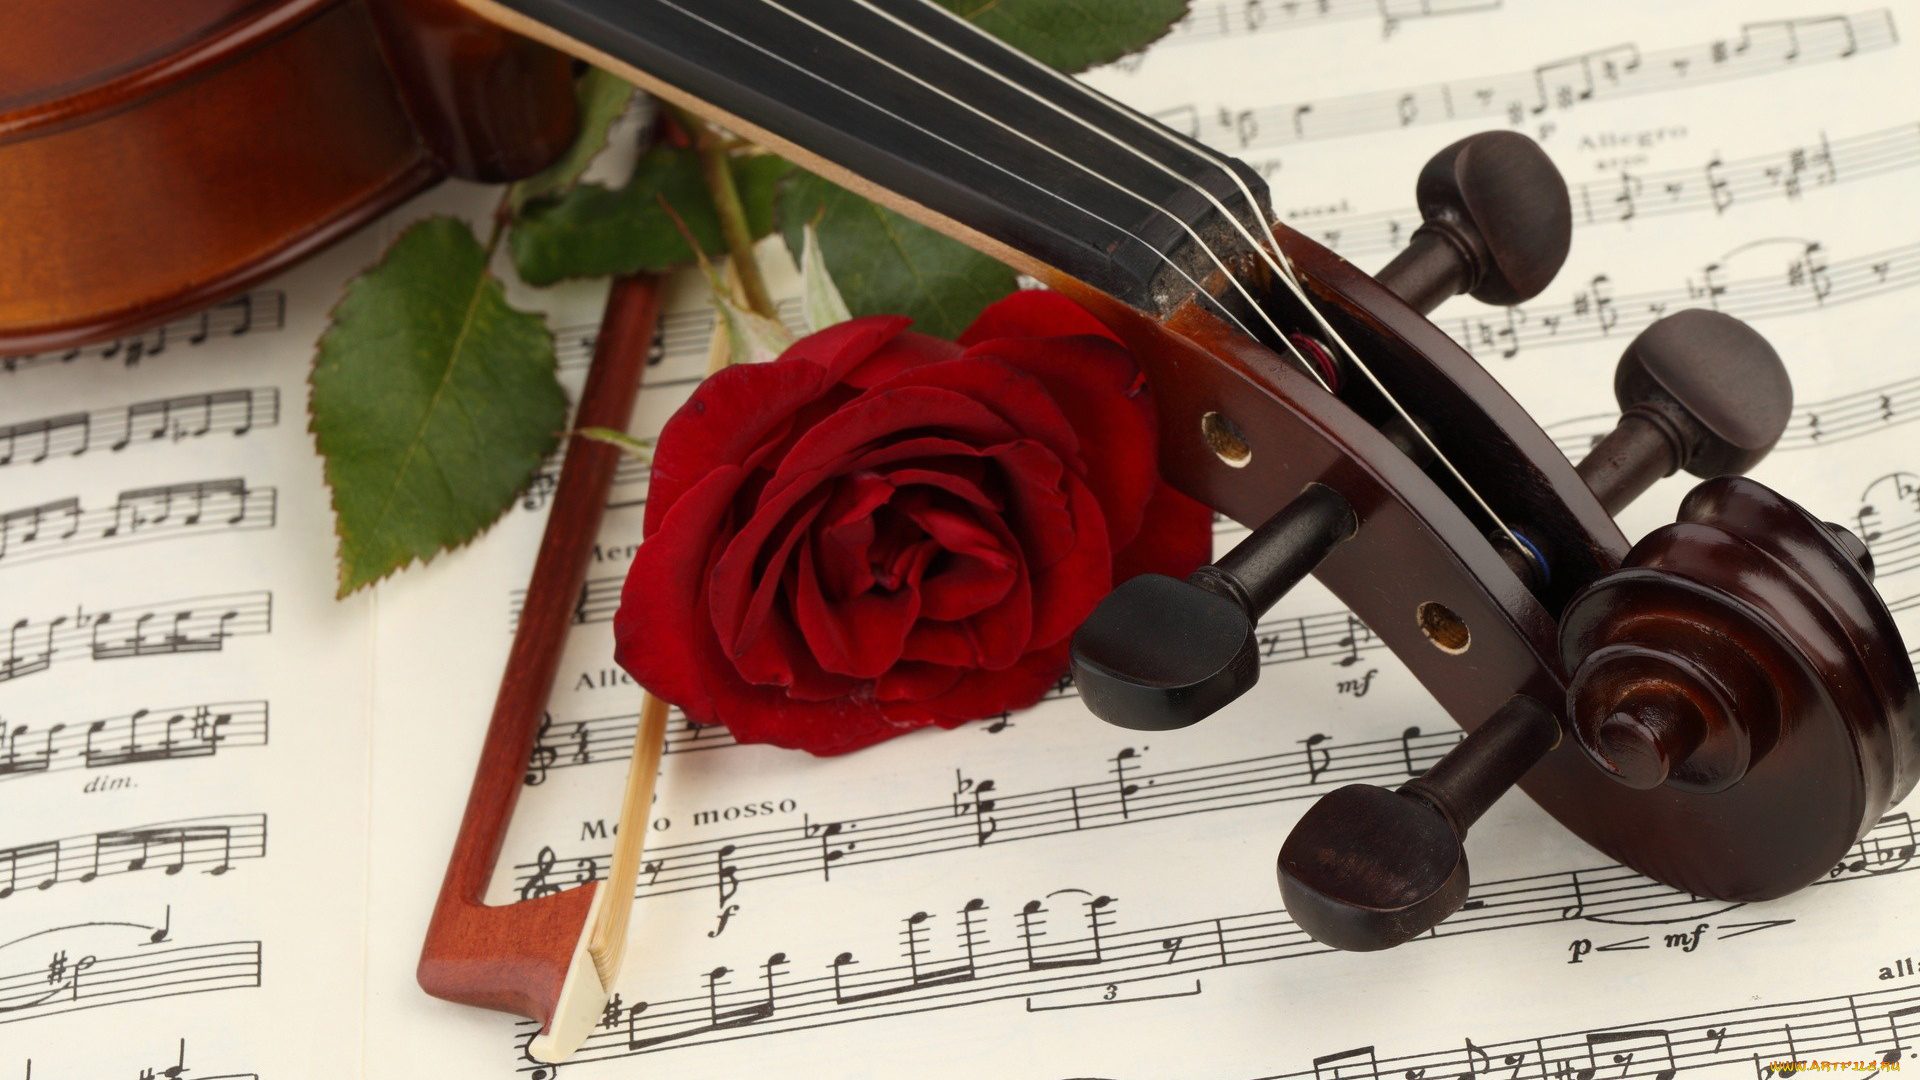 Картинка, открытки музыкальных инструментов красивые